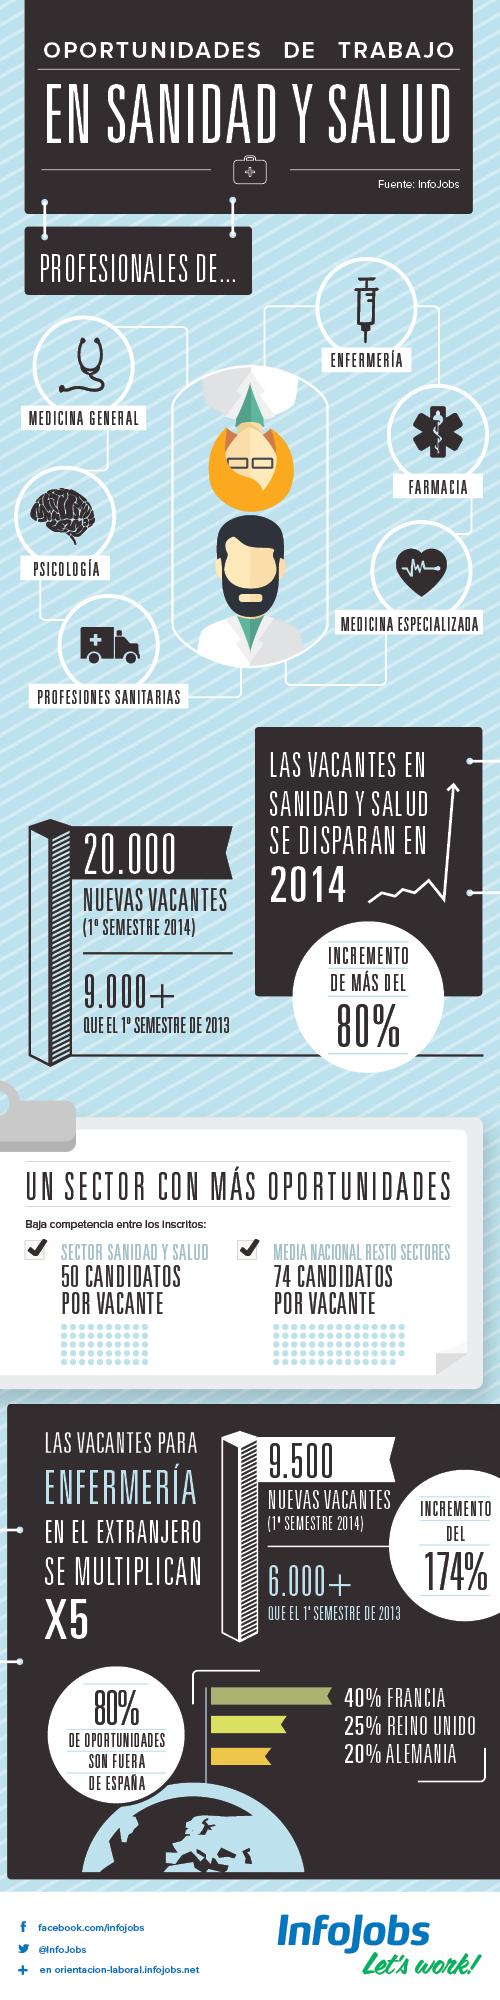 Oportunidades de empleo en sanidad y salud